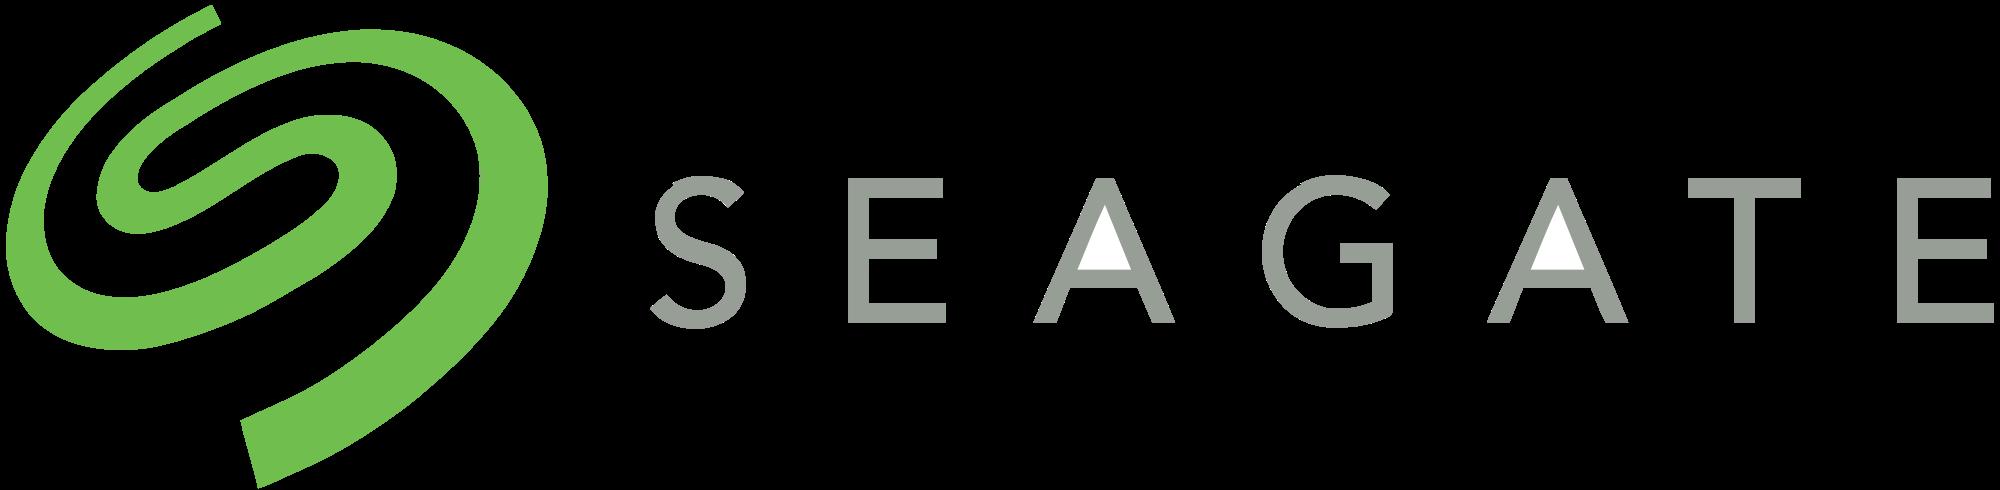 seagate محصولات Seagate